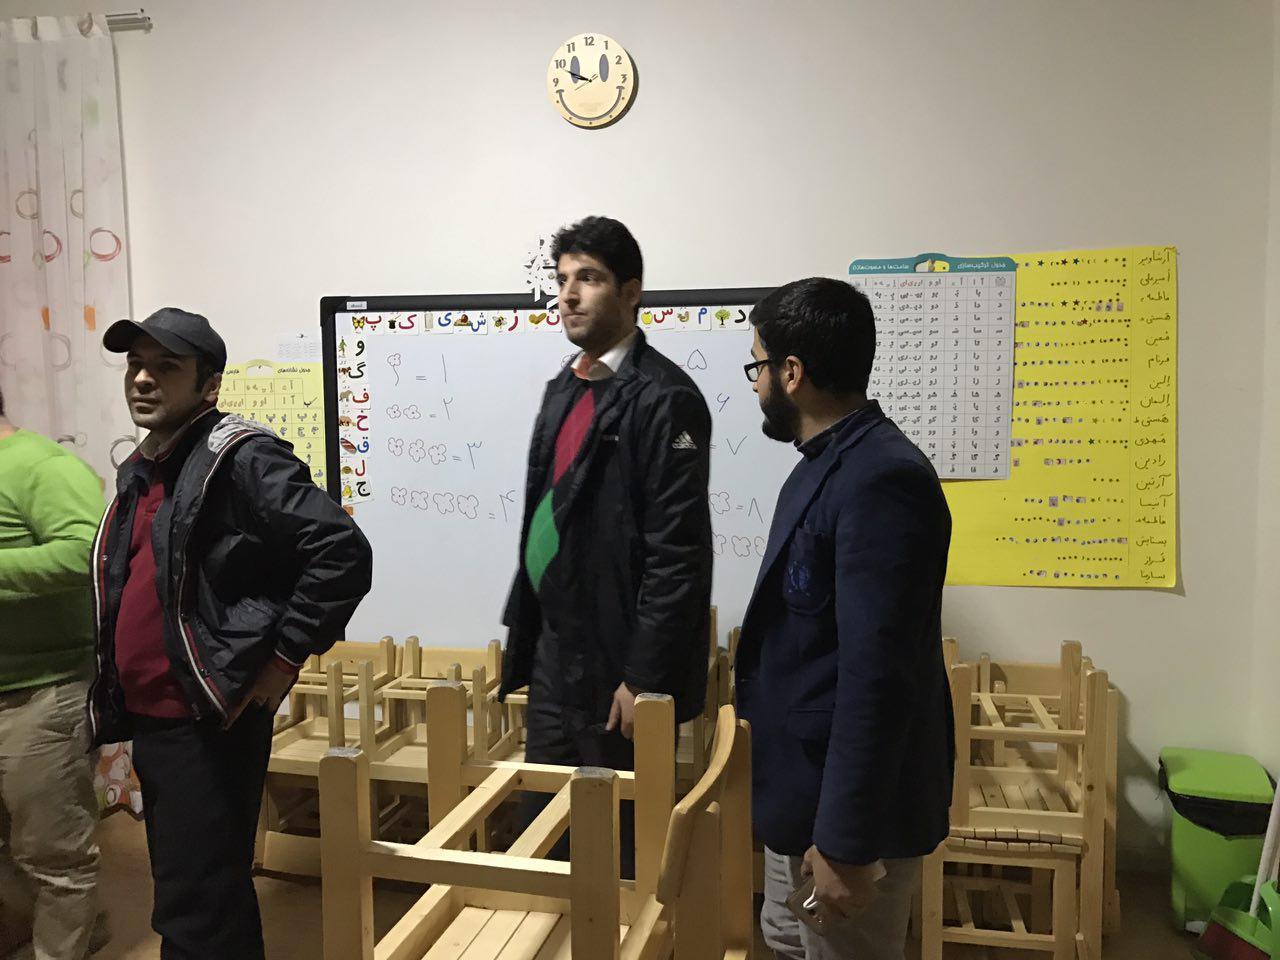 گزارش تصویری بازدید از مرکز رفاهی کودک و خانواده اردبیهشت